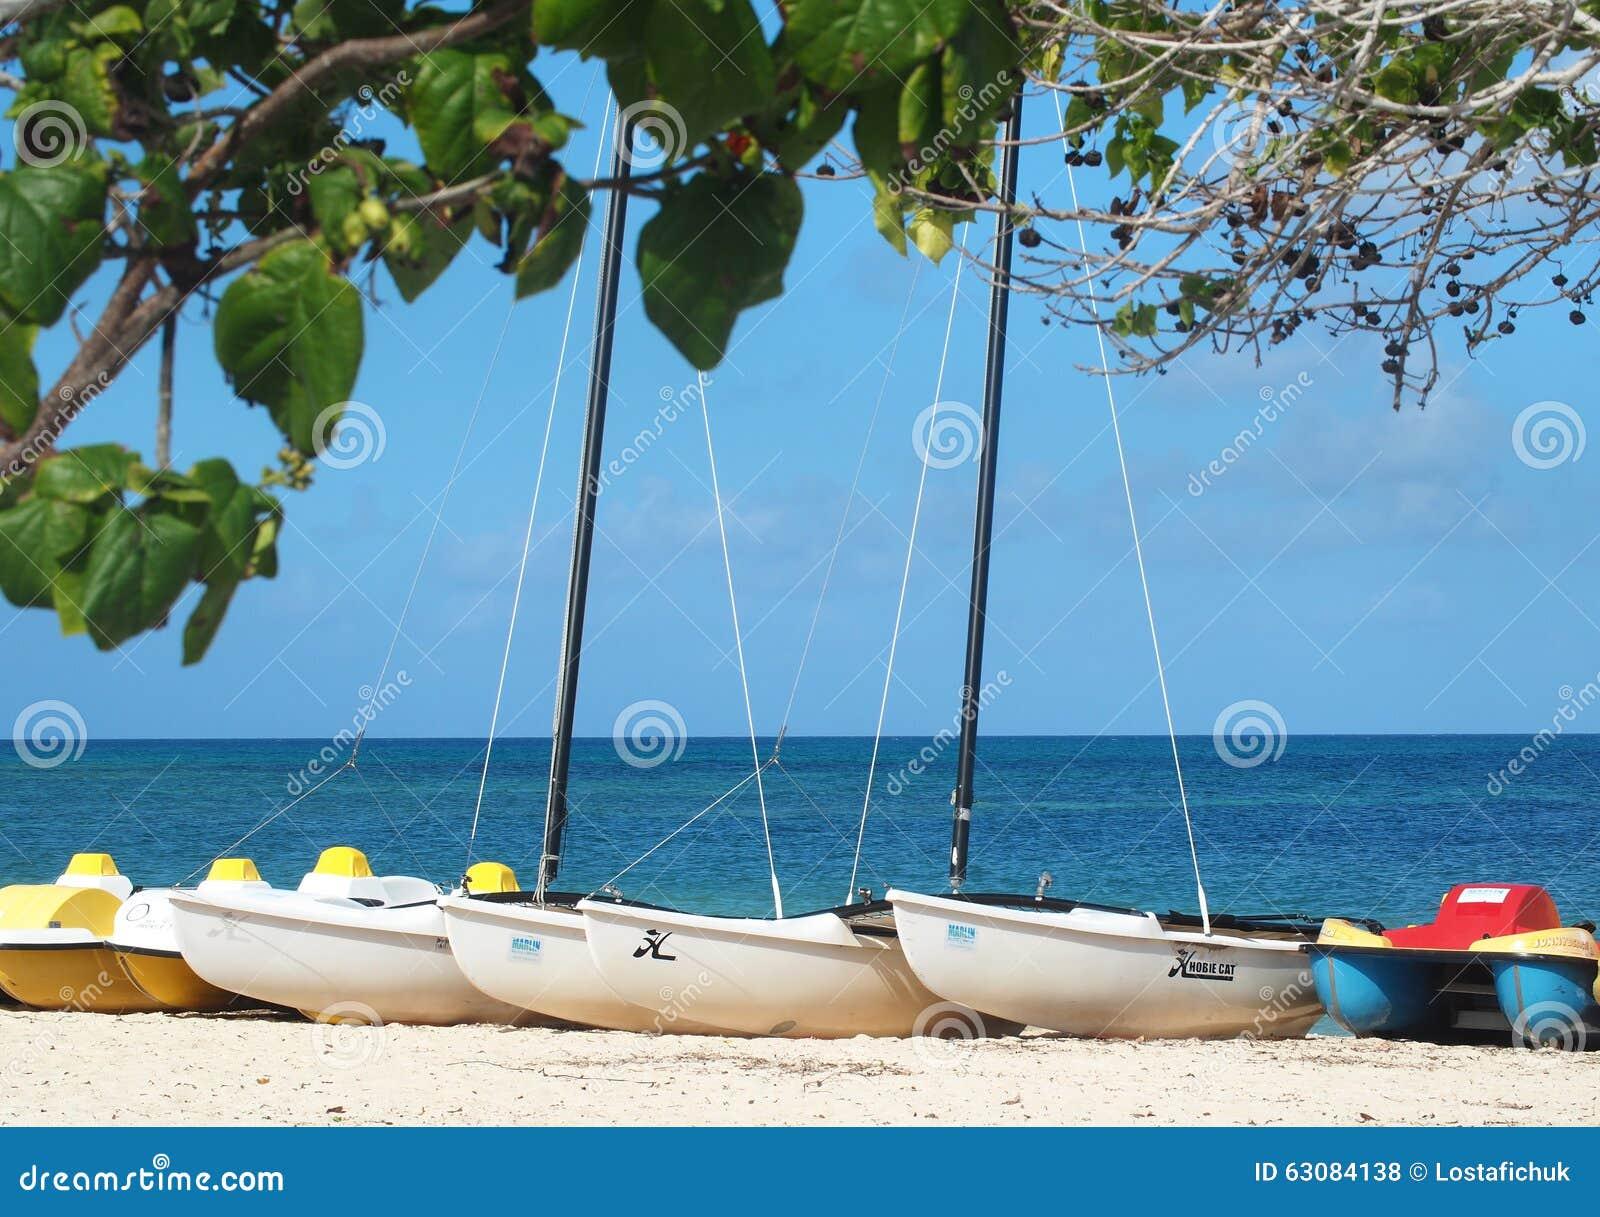 Download Bateaux au Cuba photo stock éditorial. Image du vacances - 63084138